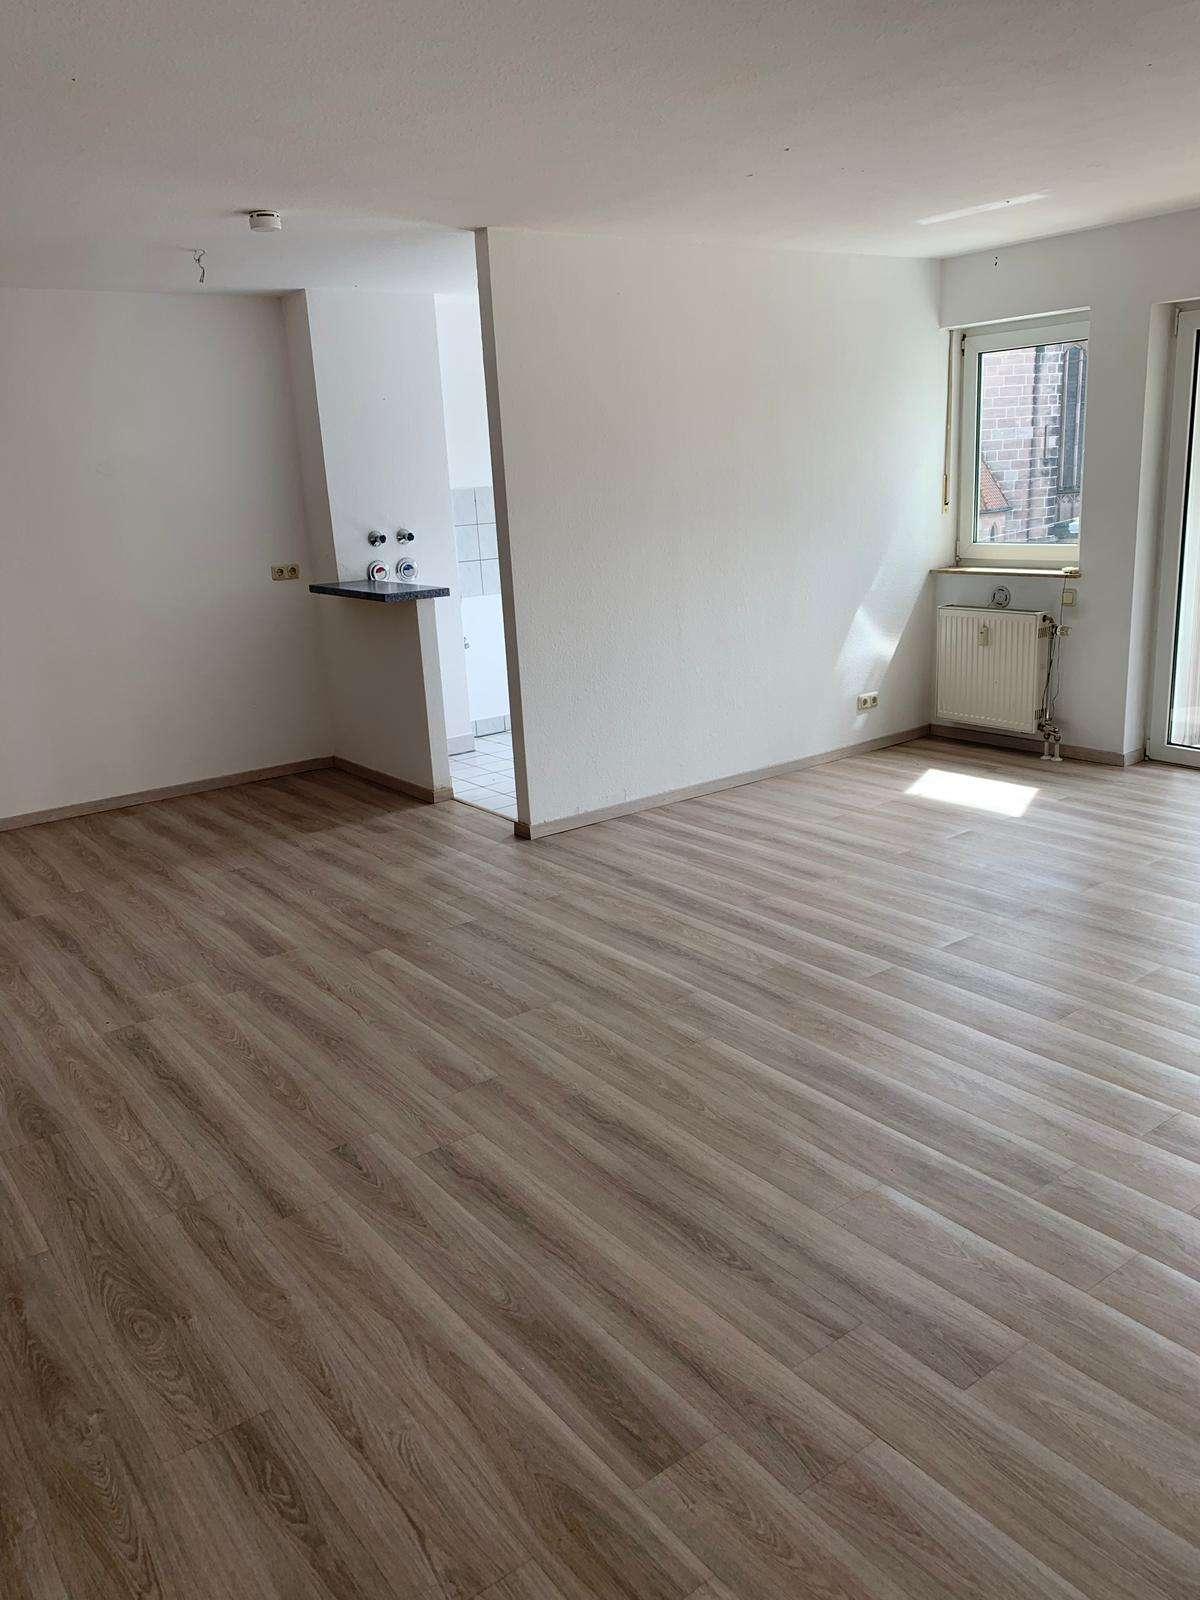 Stilvolle, vollständig renovierte 2-Zimmer-Wohnung mit Loggia in Nürnberg in Ludwigsfeld